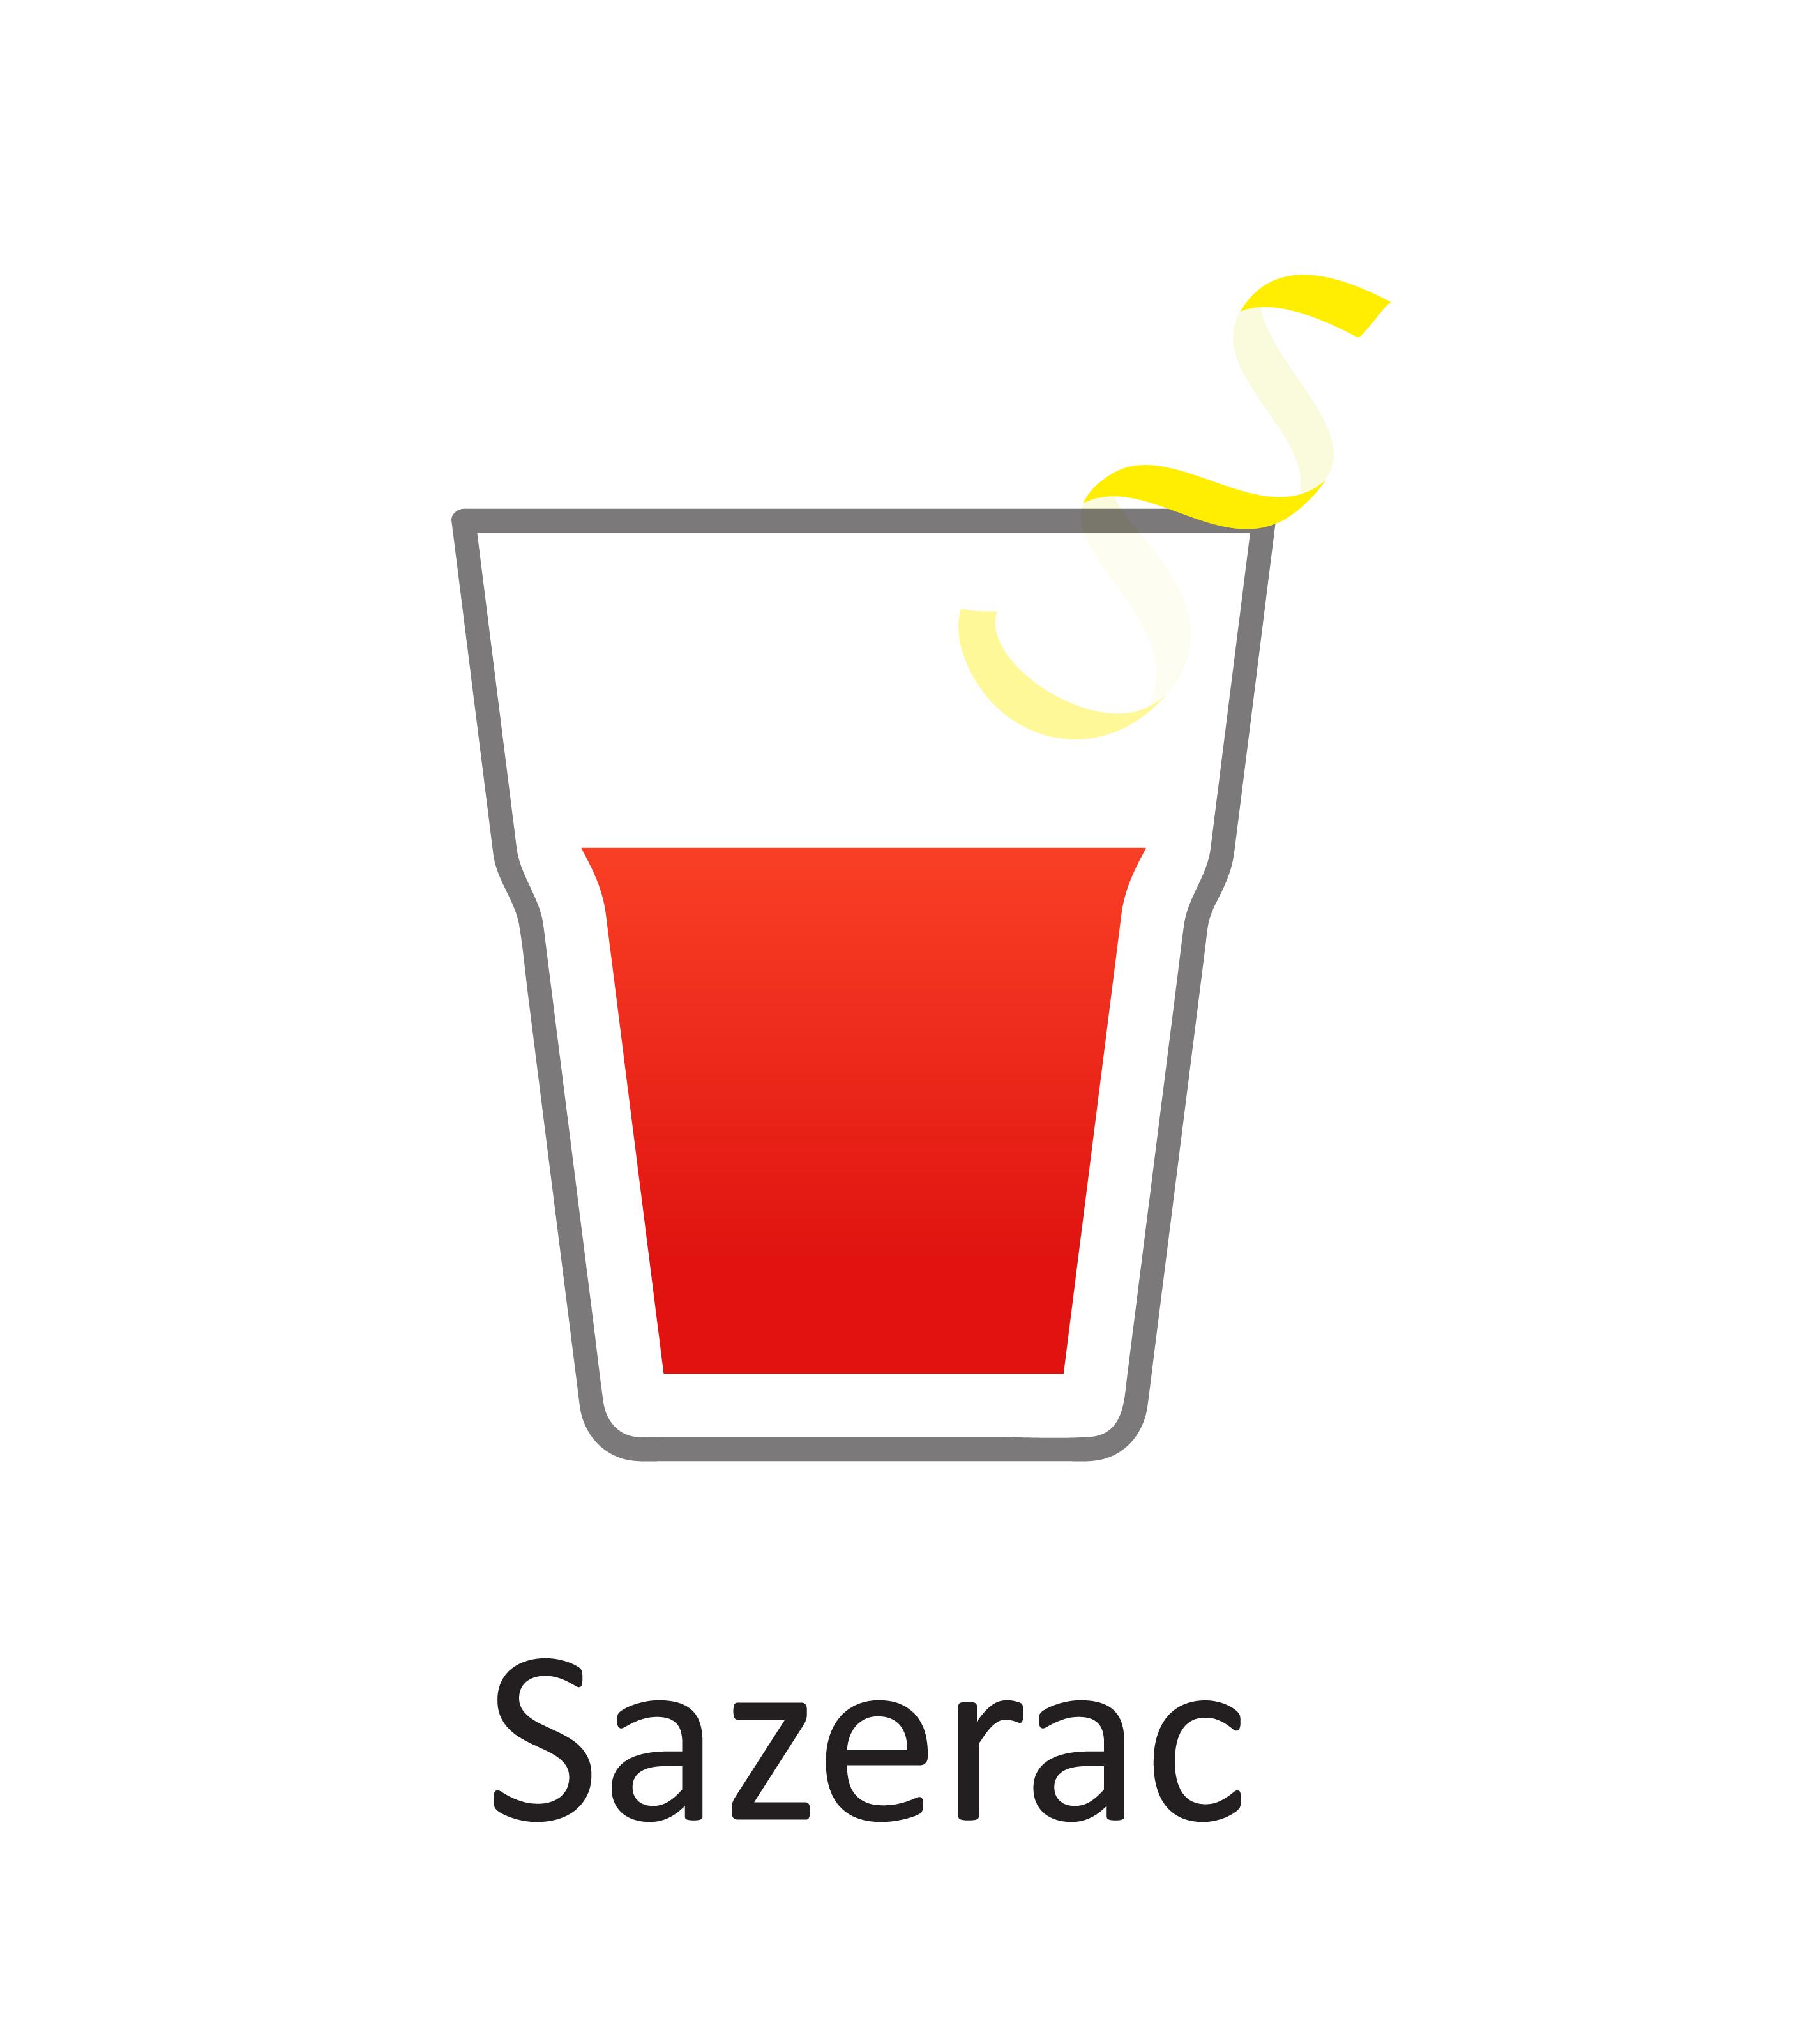 sazerac.png